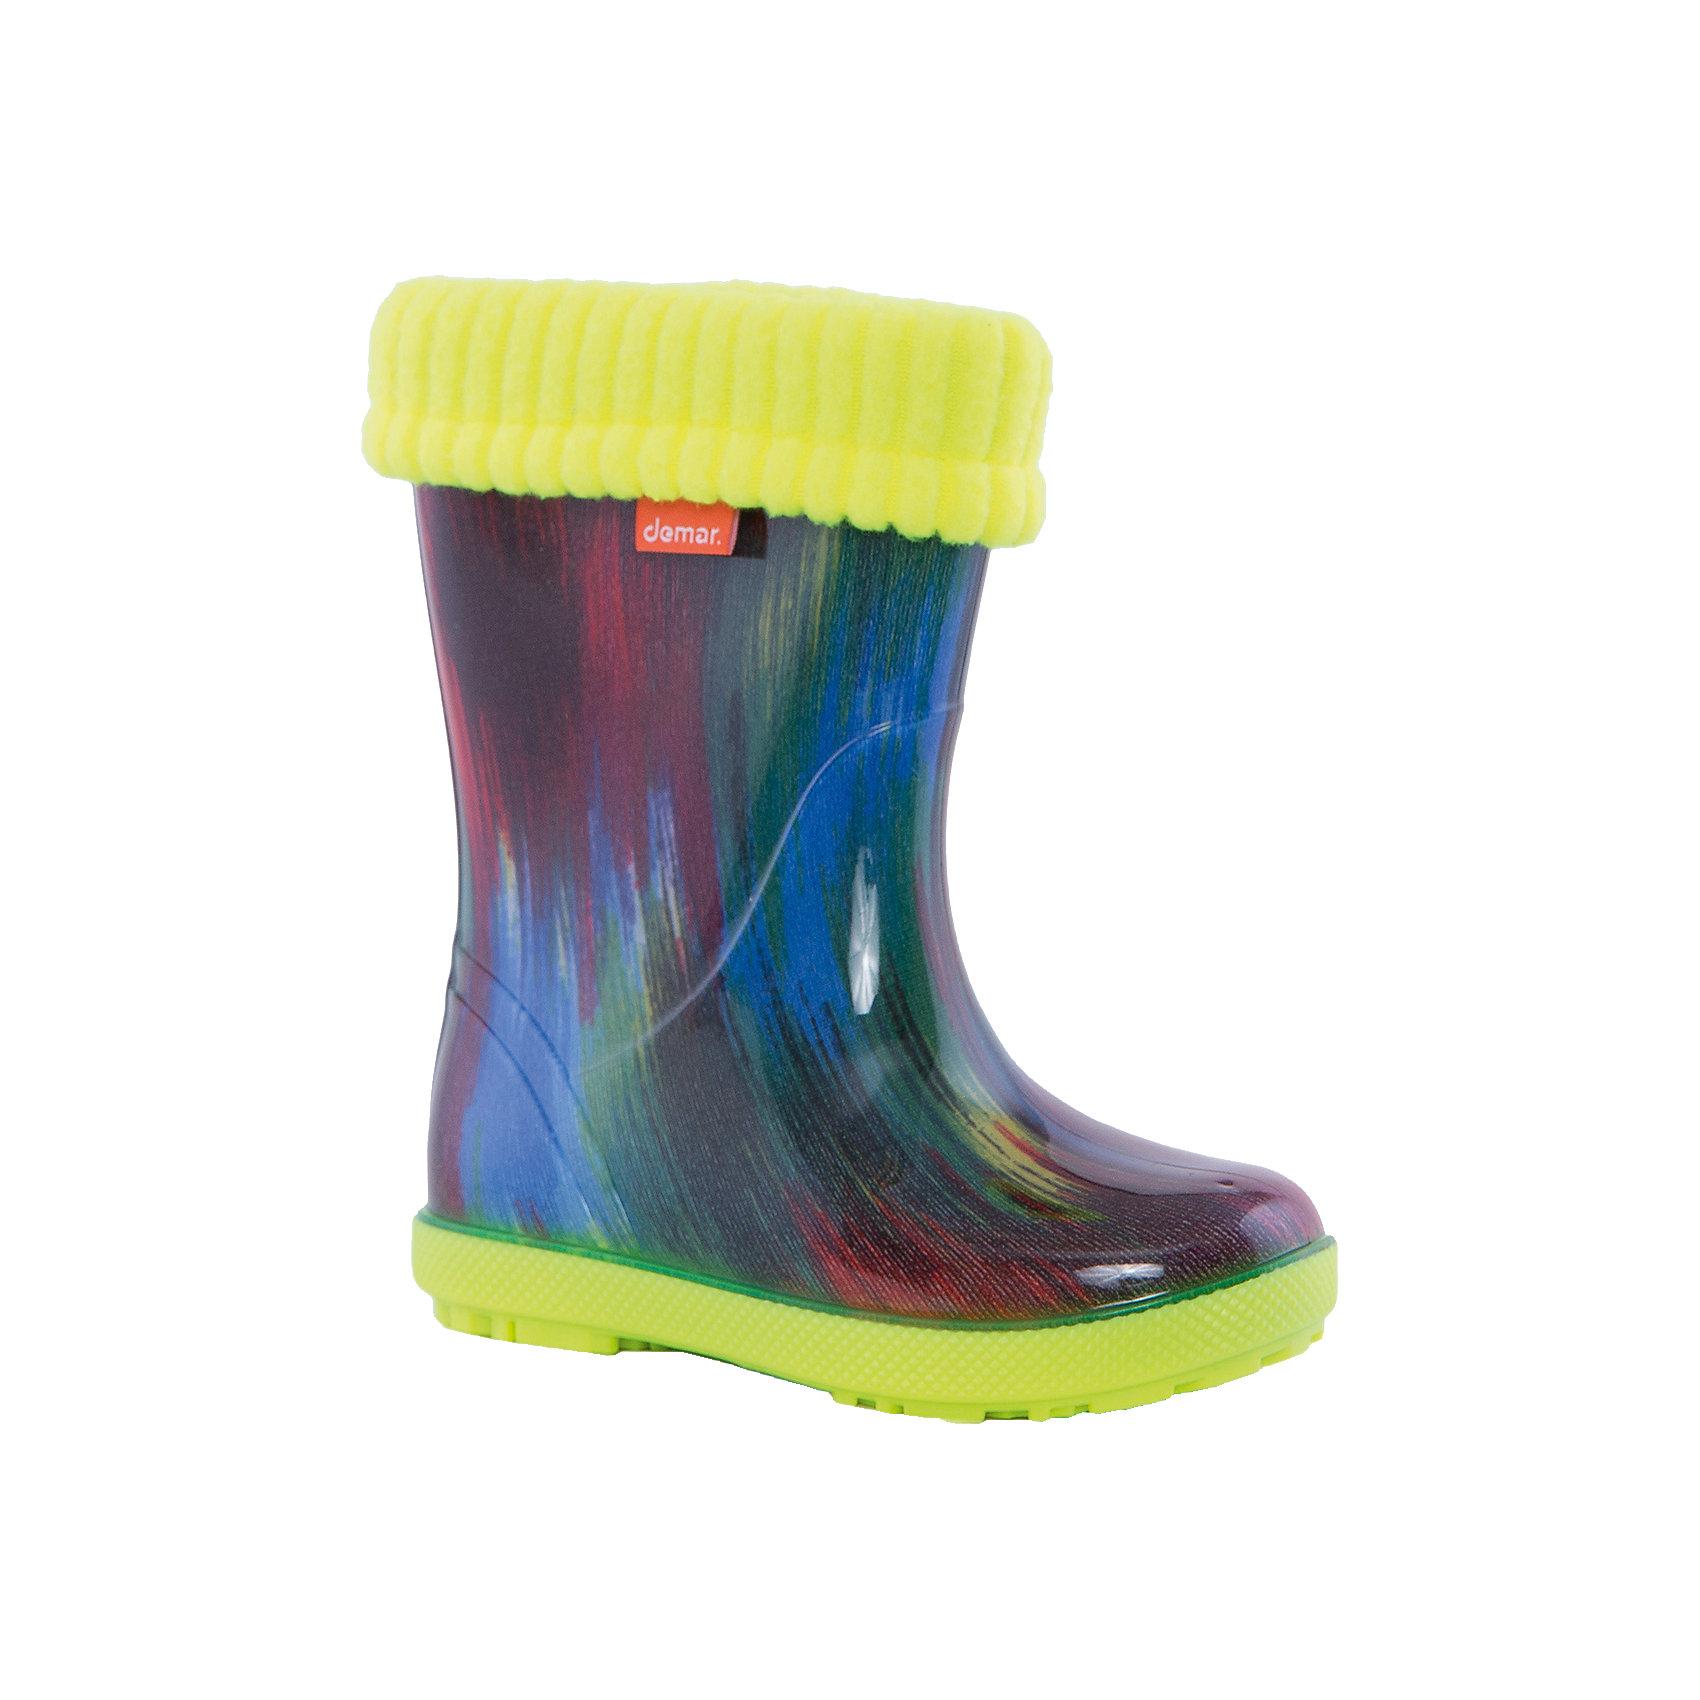 Резиновые сапоги Hawai Lux Print DEMARХарактеристики товара:<br><br>• цвет: мультиколор<br>• материал верха: ПВХ<br>• материал подкладки: текстиль <br>• материал подошвы: ПВХ<br>• температурный режим: от 0° до +15° С<br>• верх не продувается<br>• съемный чулок<br>• стильный дизайн<br>• страна бренда: Польша<br>• страна изготовитель: Польша<br><br>Осенью и весной ребенку не обойтись без непромокаемых сапожек! Чтобы не пропустить главные удовольствия межсезонья, нужно запастись удобной обувью. Такие сапожки обеспечат ребенку необходимый для активного отдыха комфорт, а подкладка из текстиля позволит ножкам оставаться теплыми. Сапожки легко надеваются и снимаются, отлично сидят на ноге. Они удивительно легкие!<br>Обувь от польского бренда Demar - это качественные товары, созданные с применением новейших технологий и с использованием как натуральных, так и высокотехнологичных материалов. Обувь отличается стильным дизайном и продуманной конструкцией. Изделие производится из качественных и проверенных материалов, которые безопасны для детей.<br><br>Сапожки от бренда Demar (Демар) можно купить в нашем интернет-магазине.<br><br>Ширина мм: 237<br>Глубина мм: 180<br>Высота мм: 152<br>Вес г: 438<br>Цвет: разноцветный<br>Возраст от месяцев: -2147483648<br>Возраст до месяцев: 2147483647<br>Пол: Унисекс<br>Возраст: Детский<br>Размер: 22/23,24/25,26/27<br>SKU: 4608525